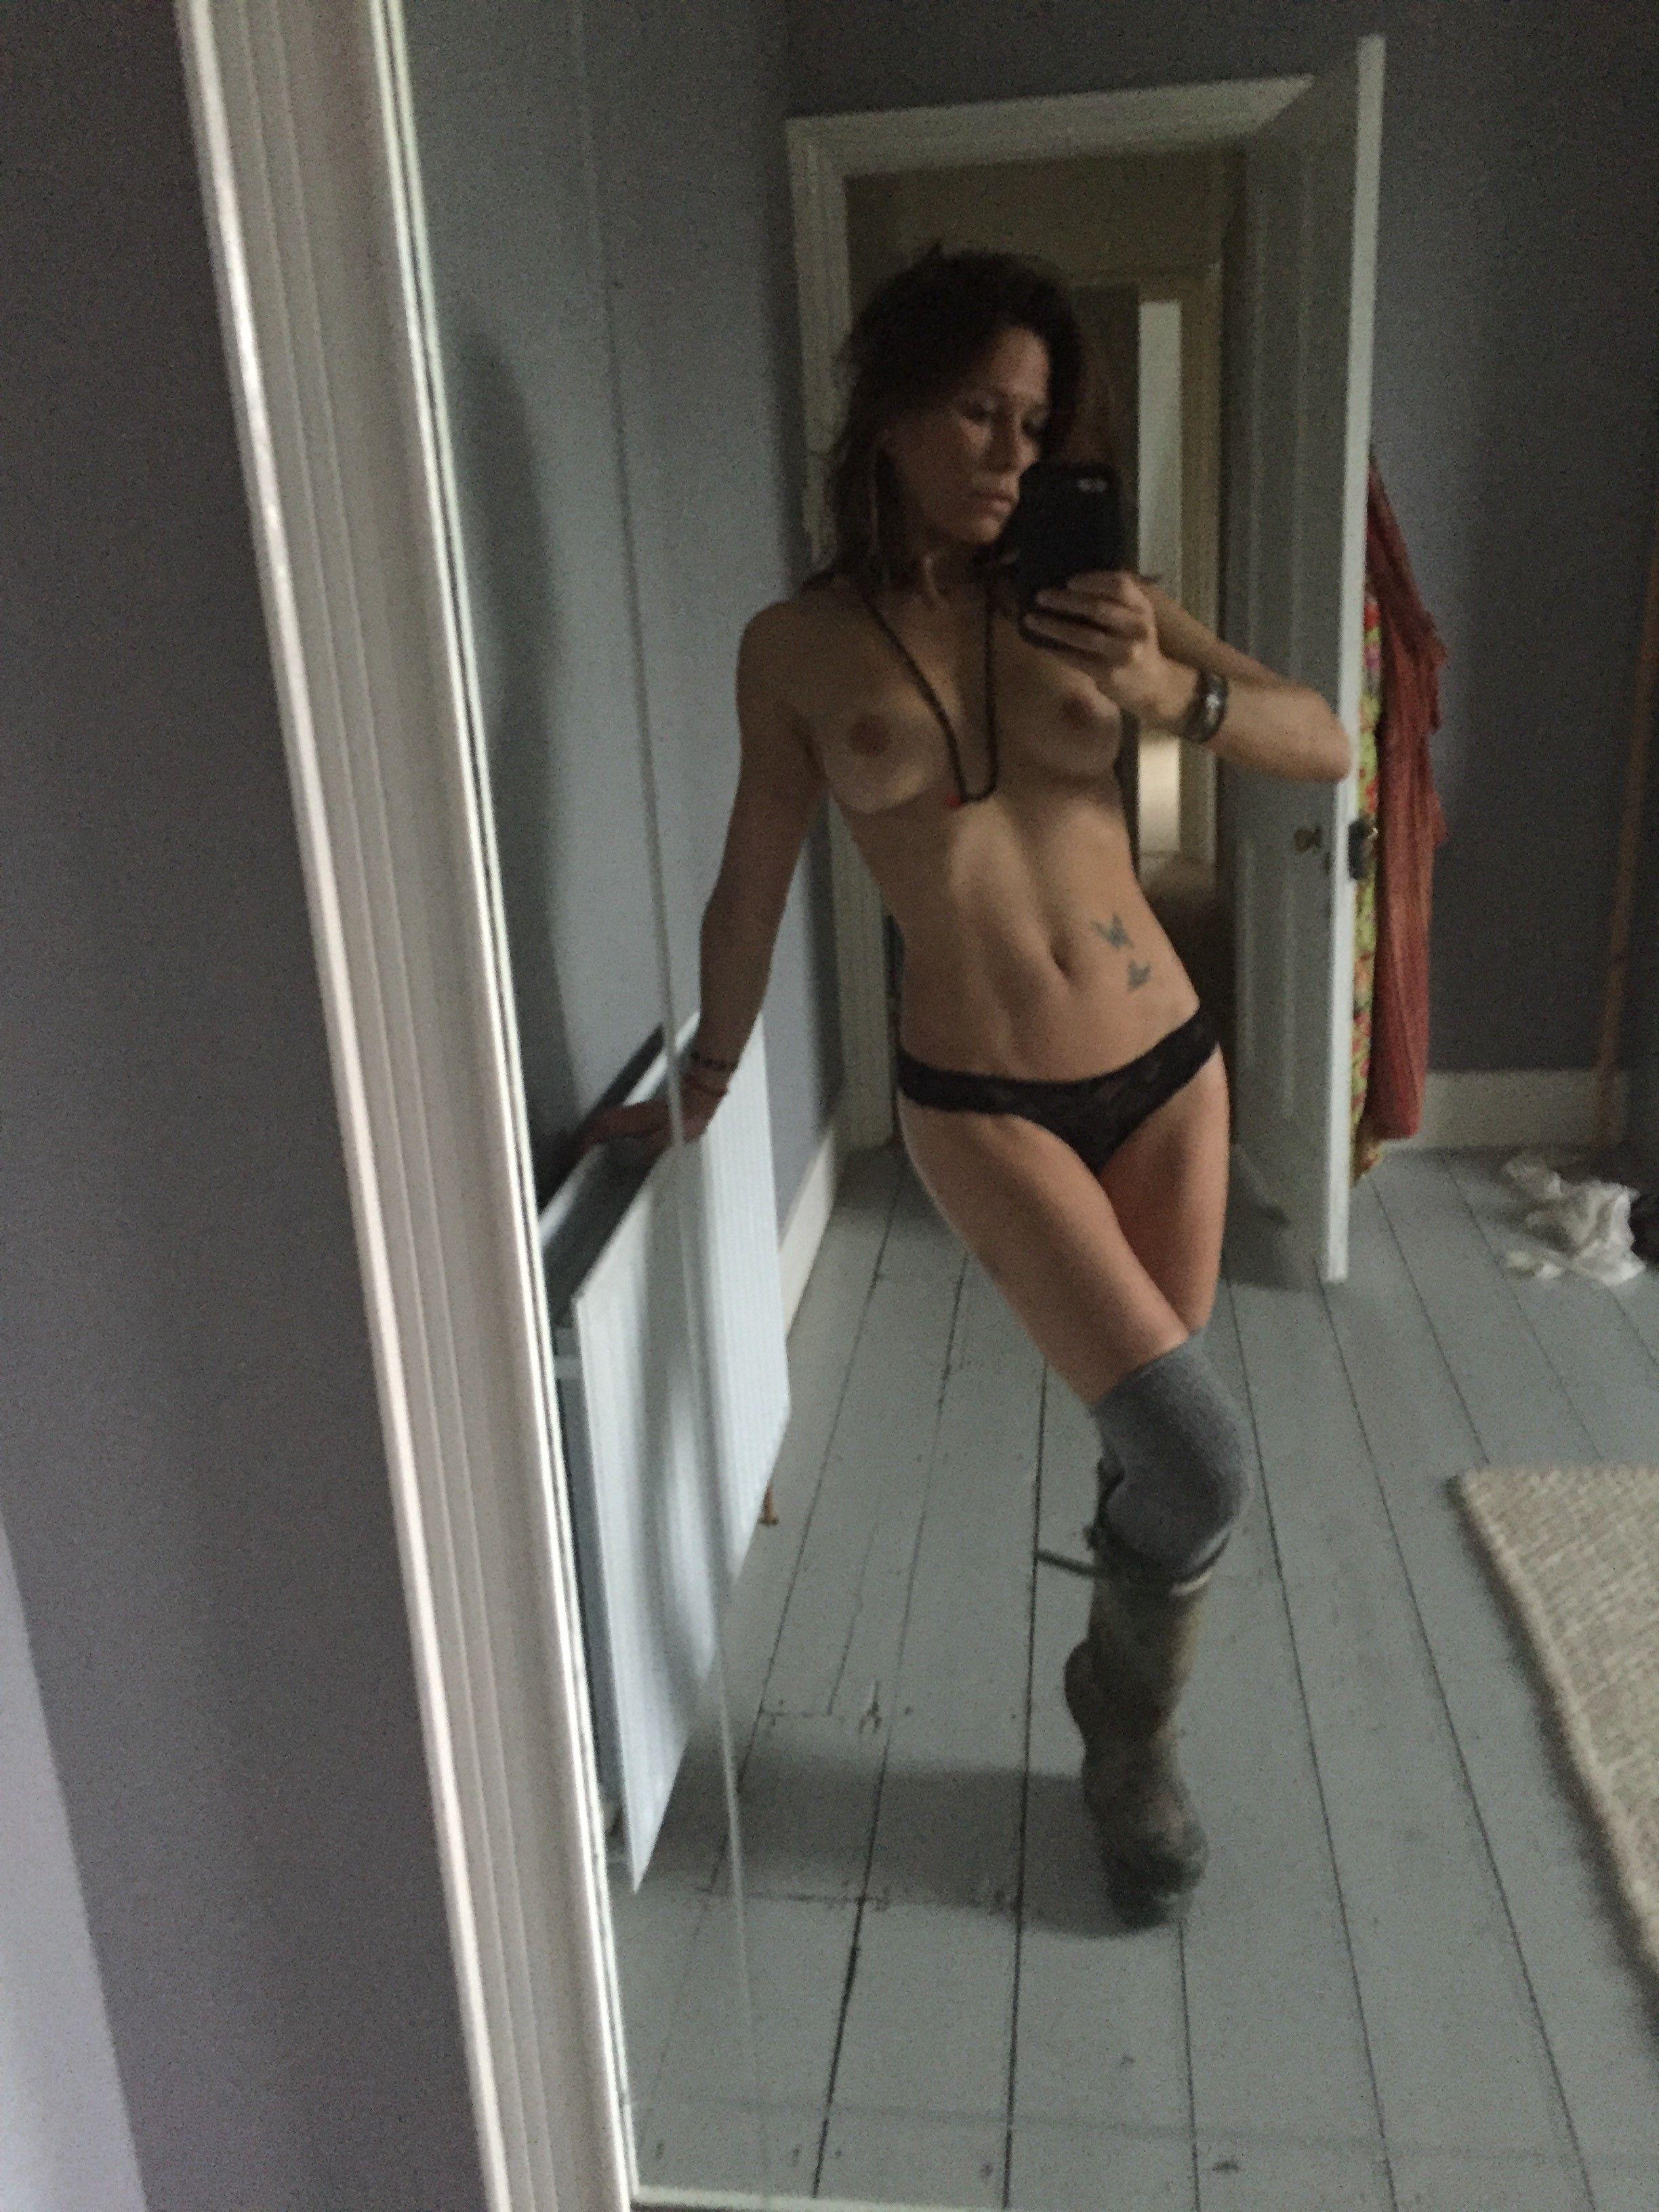 Rhona Mitra naked mirror selfie